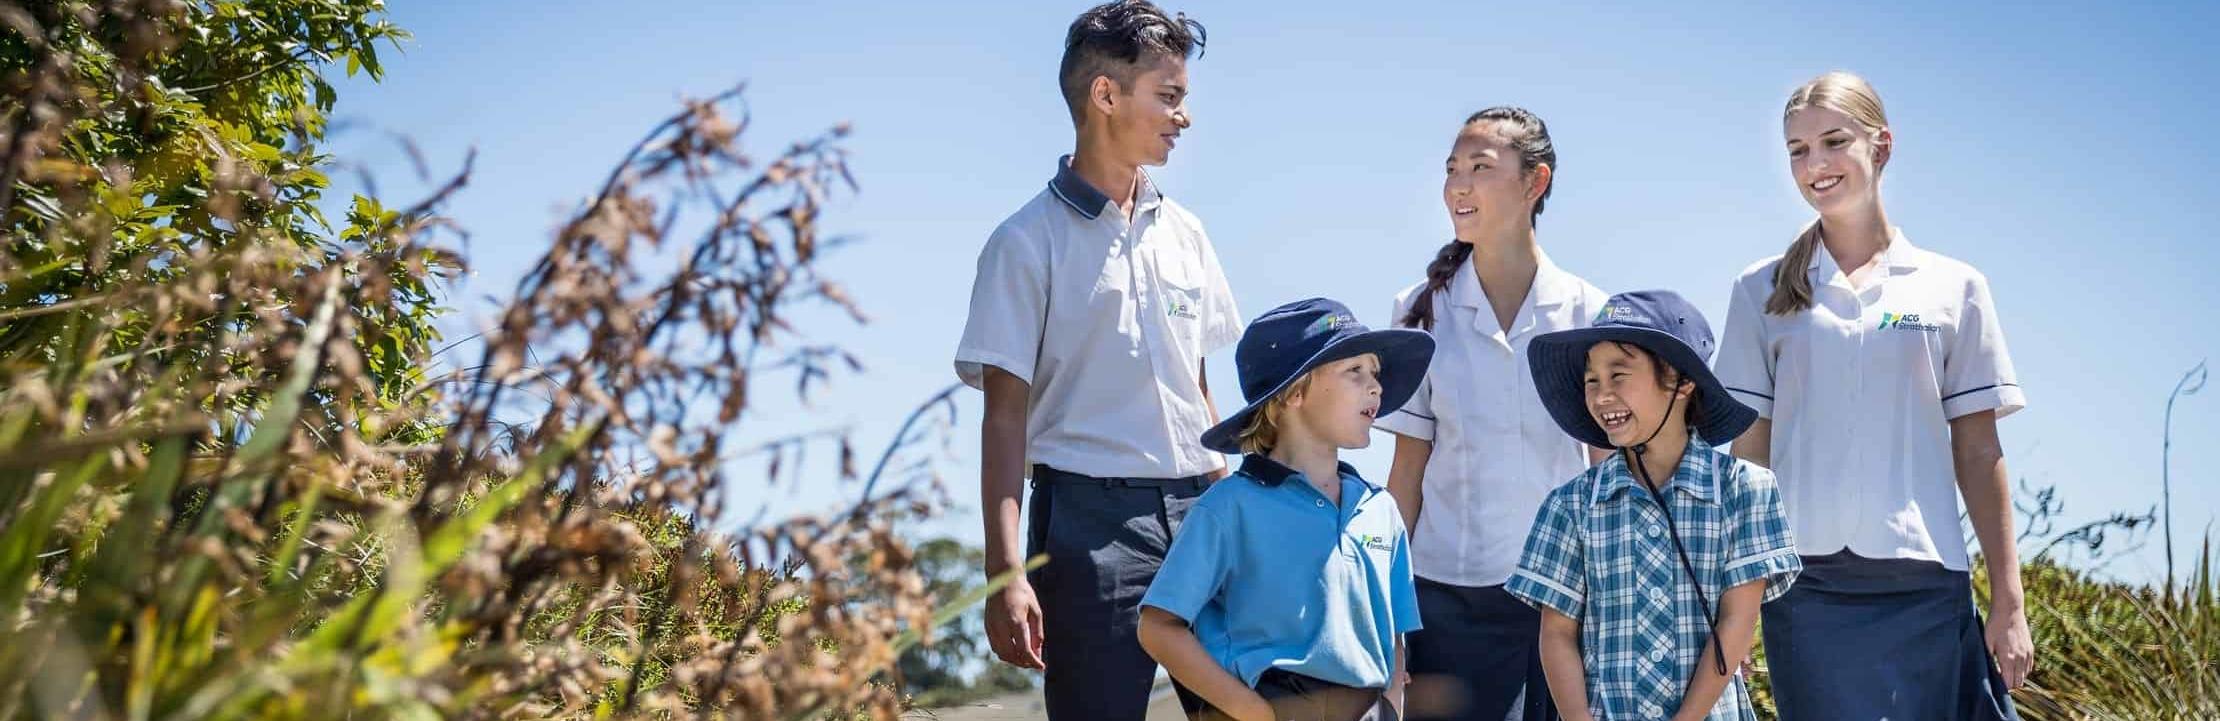 Schüleraustausch Auckland: Wir vermitteln den Schüleraustausch an eine Schule in Auckland.